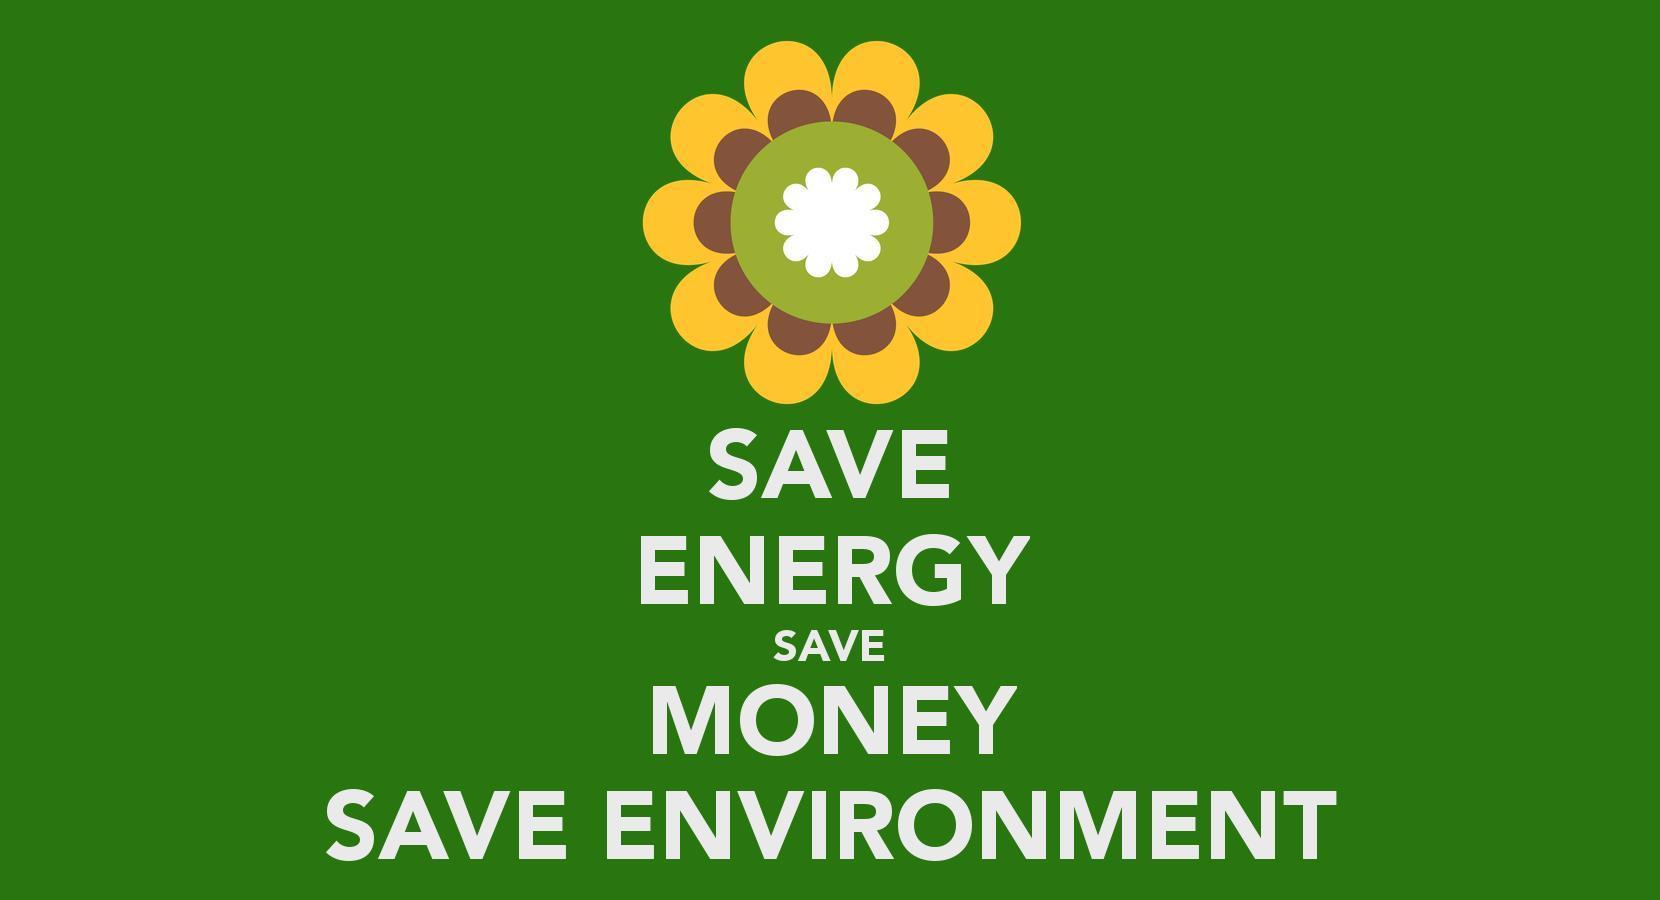 úspora energie a šetrenie životného prostredia pri stavbe domu